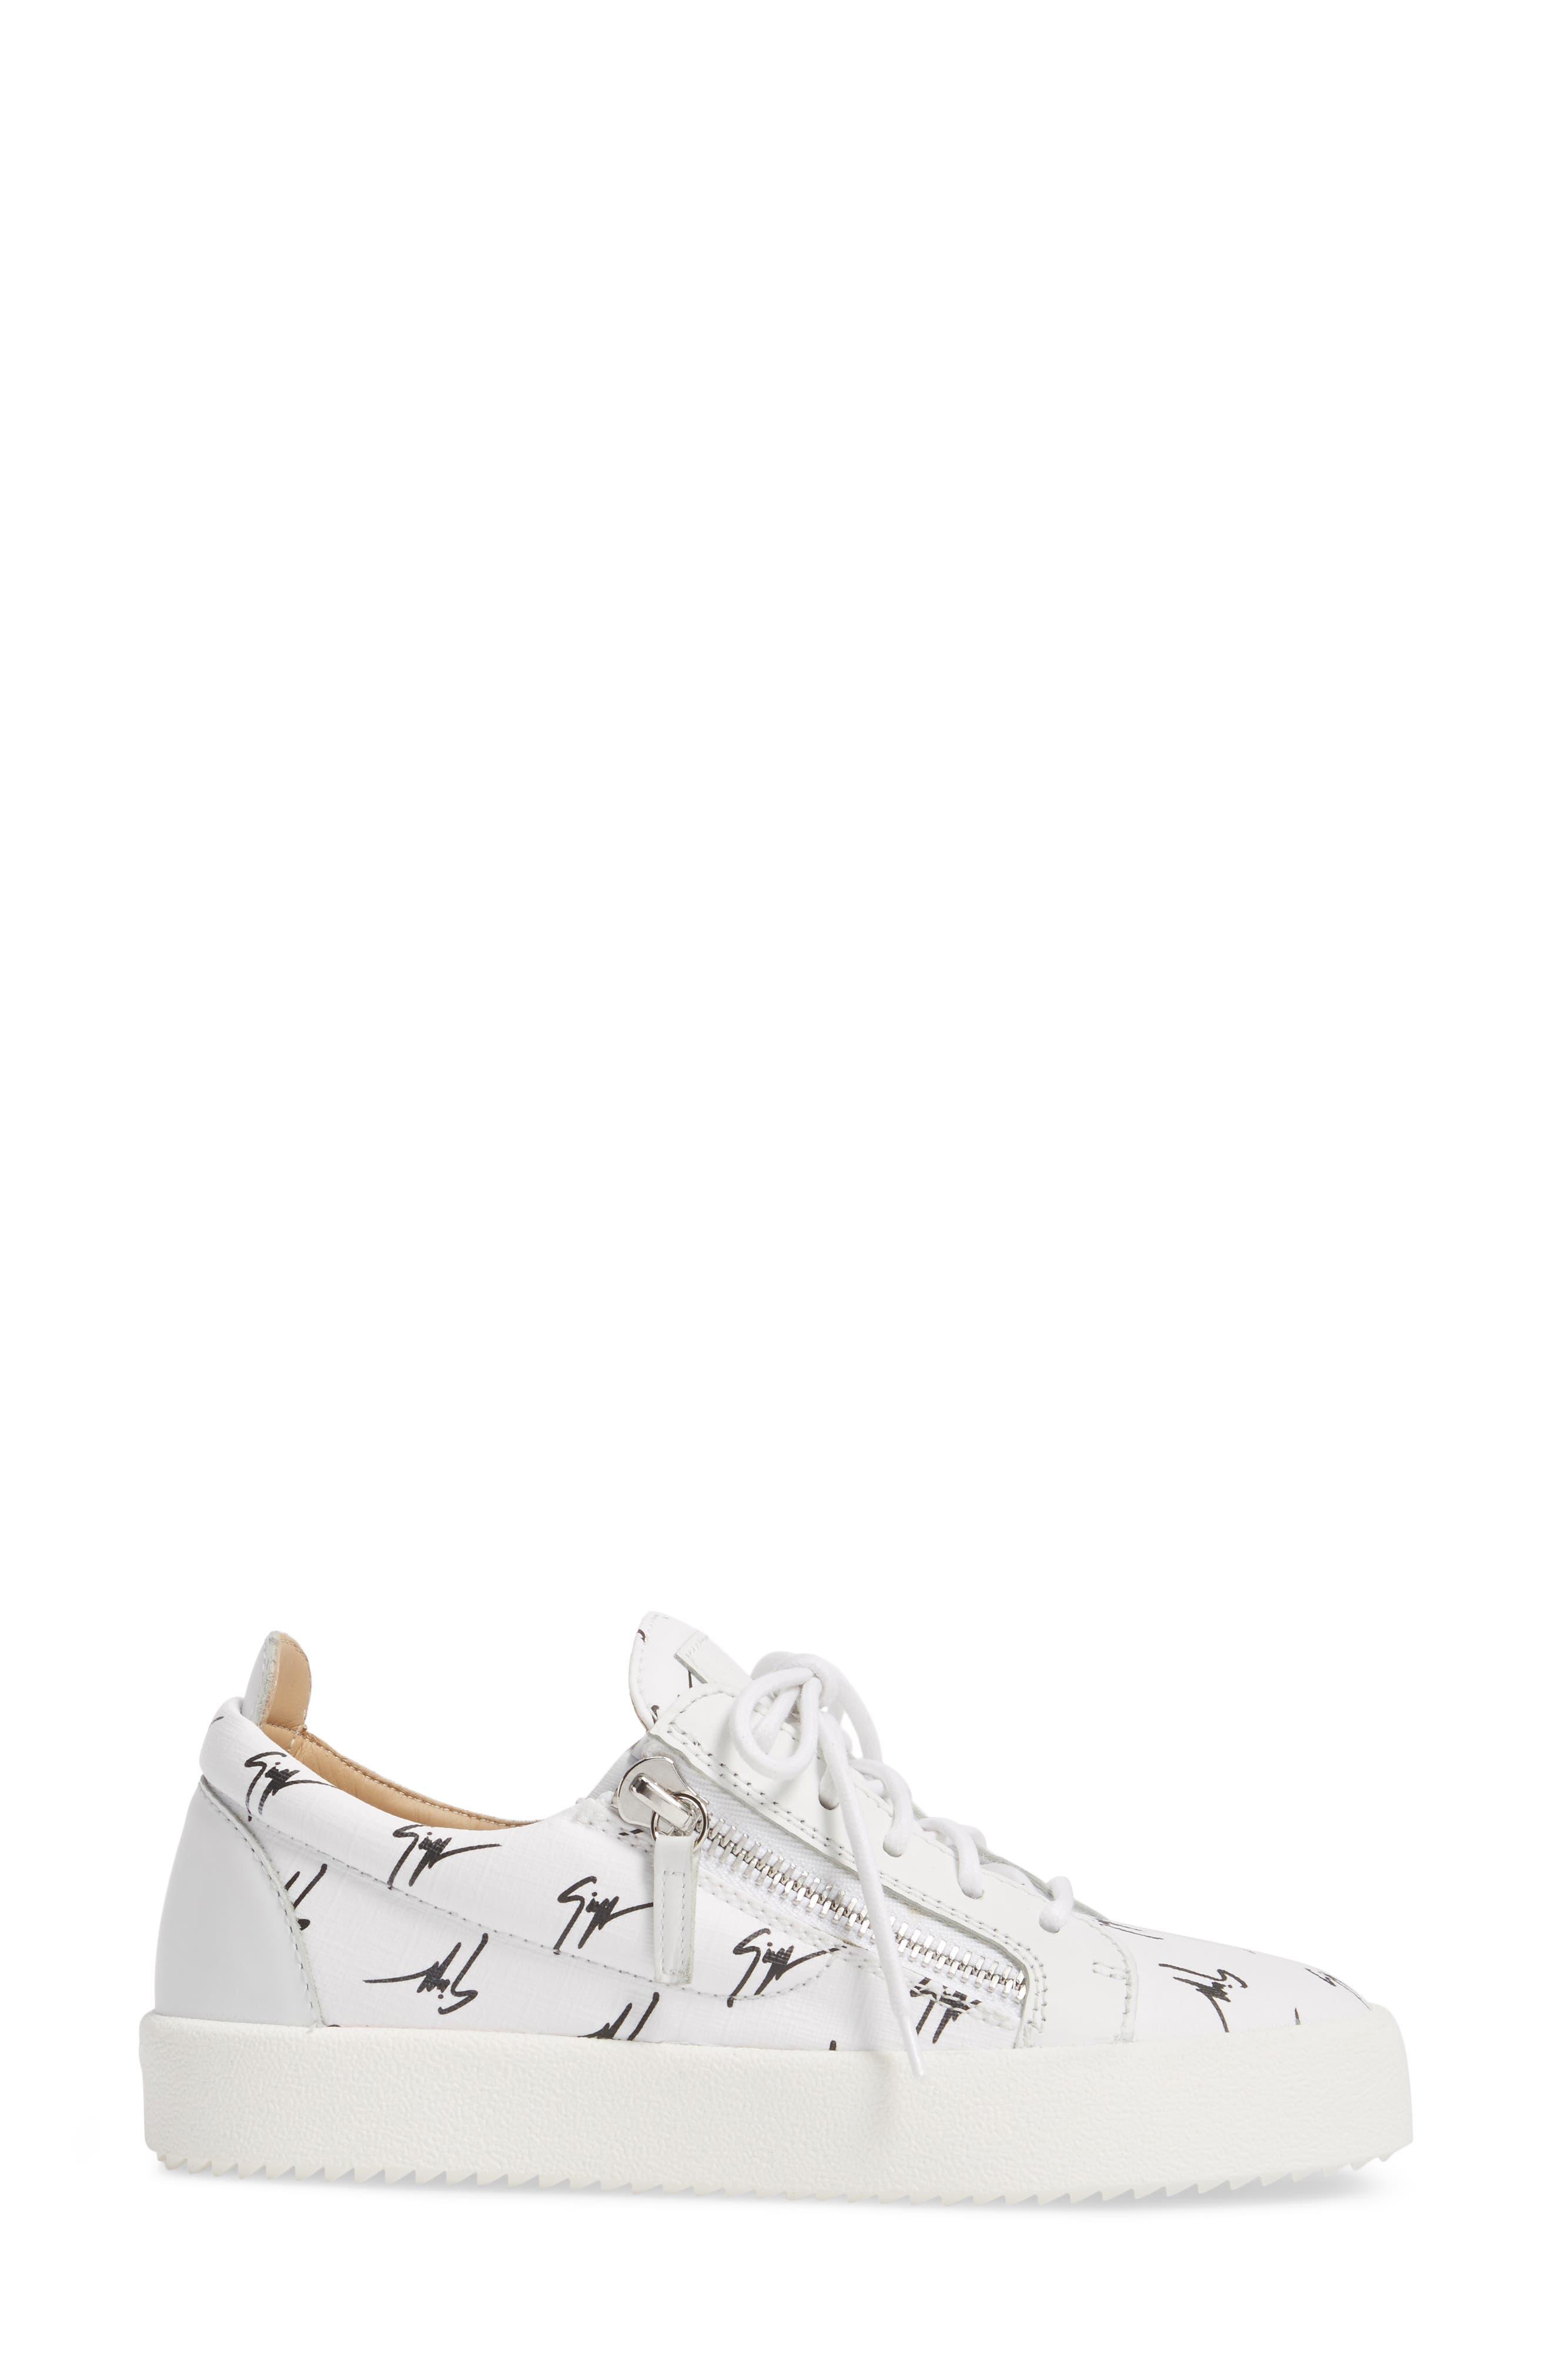 Maylondon Logo Sneaker,                             Alternate thumbnail 3, color,                             White/ Black